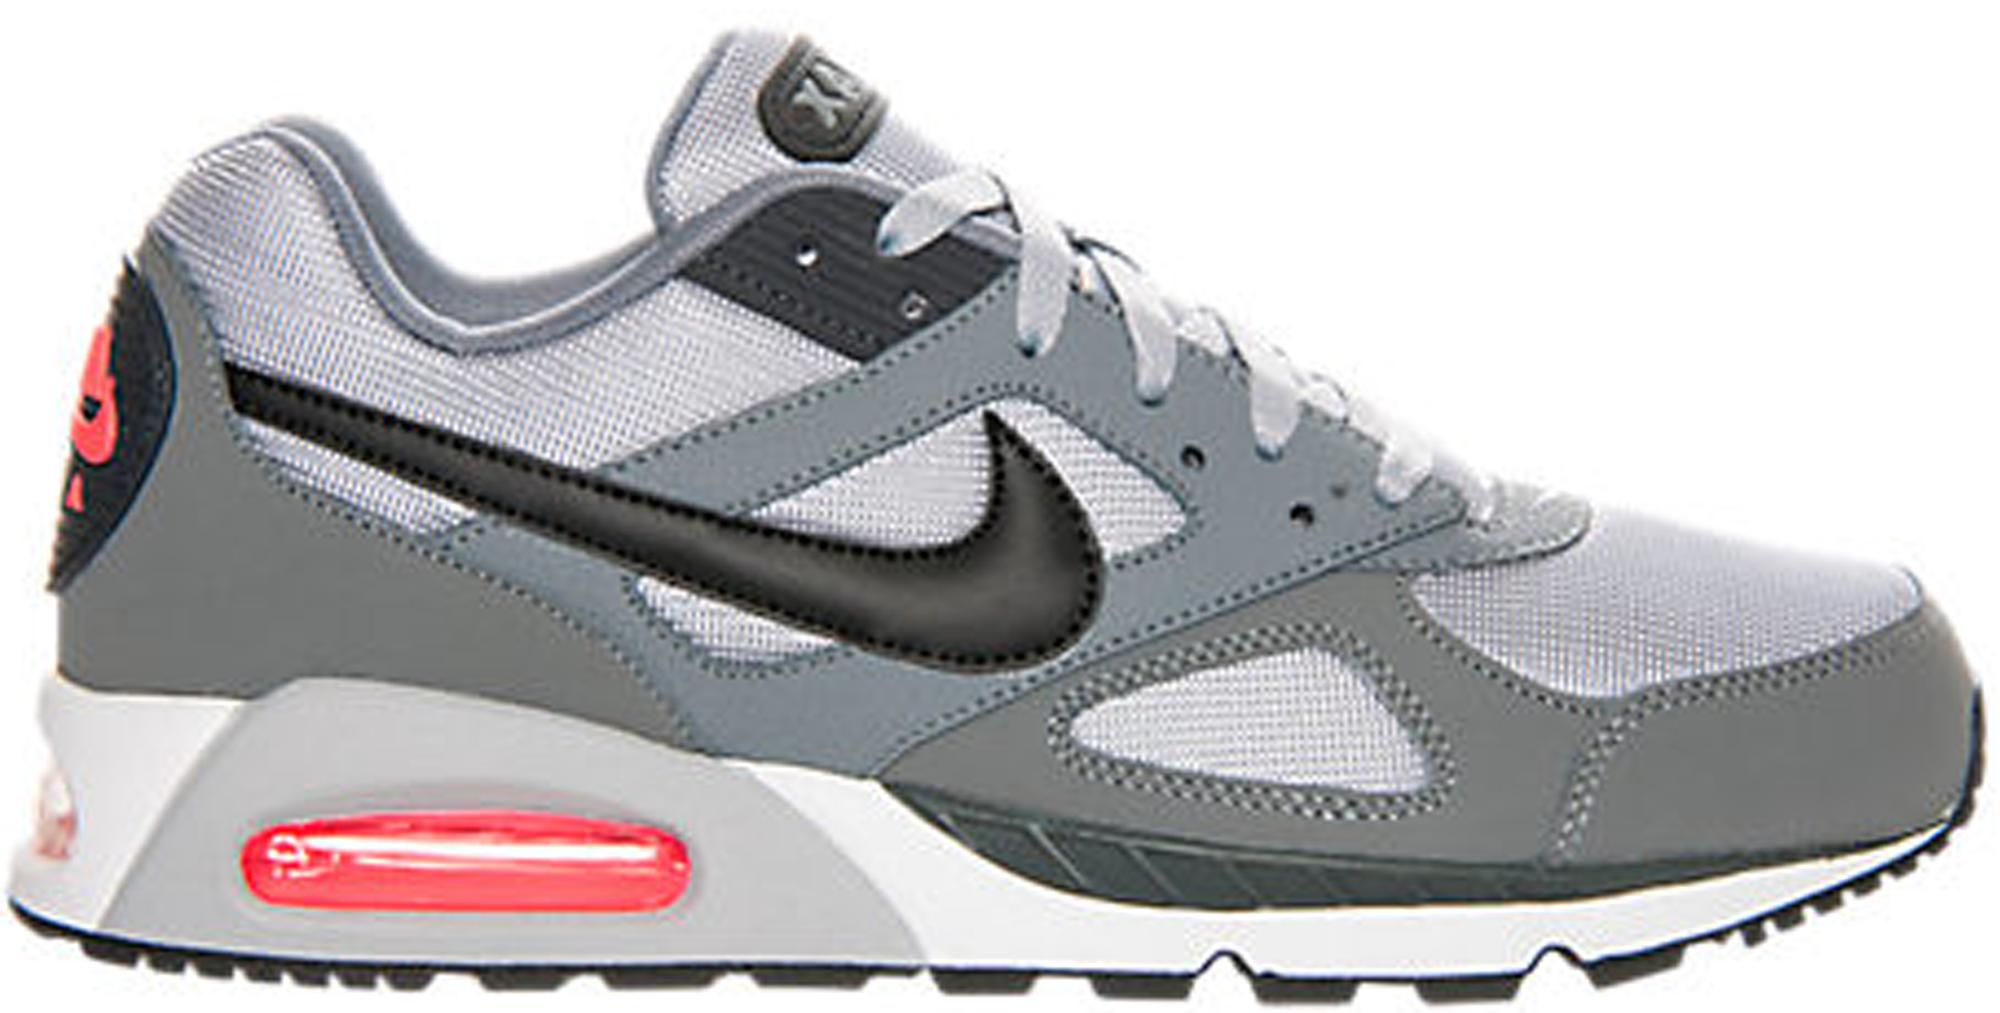 Nike Air Max Ivo Wolf Grey - 580518-001